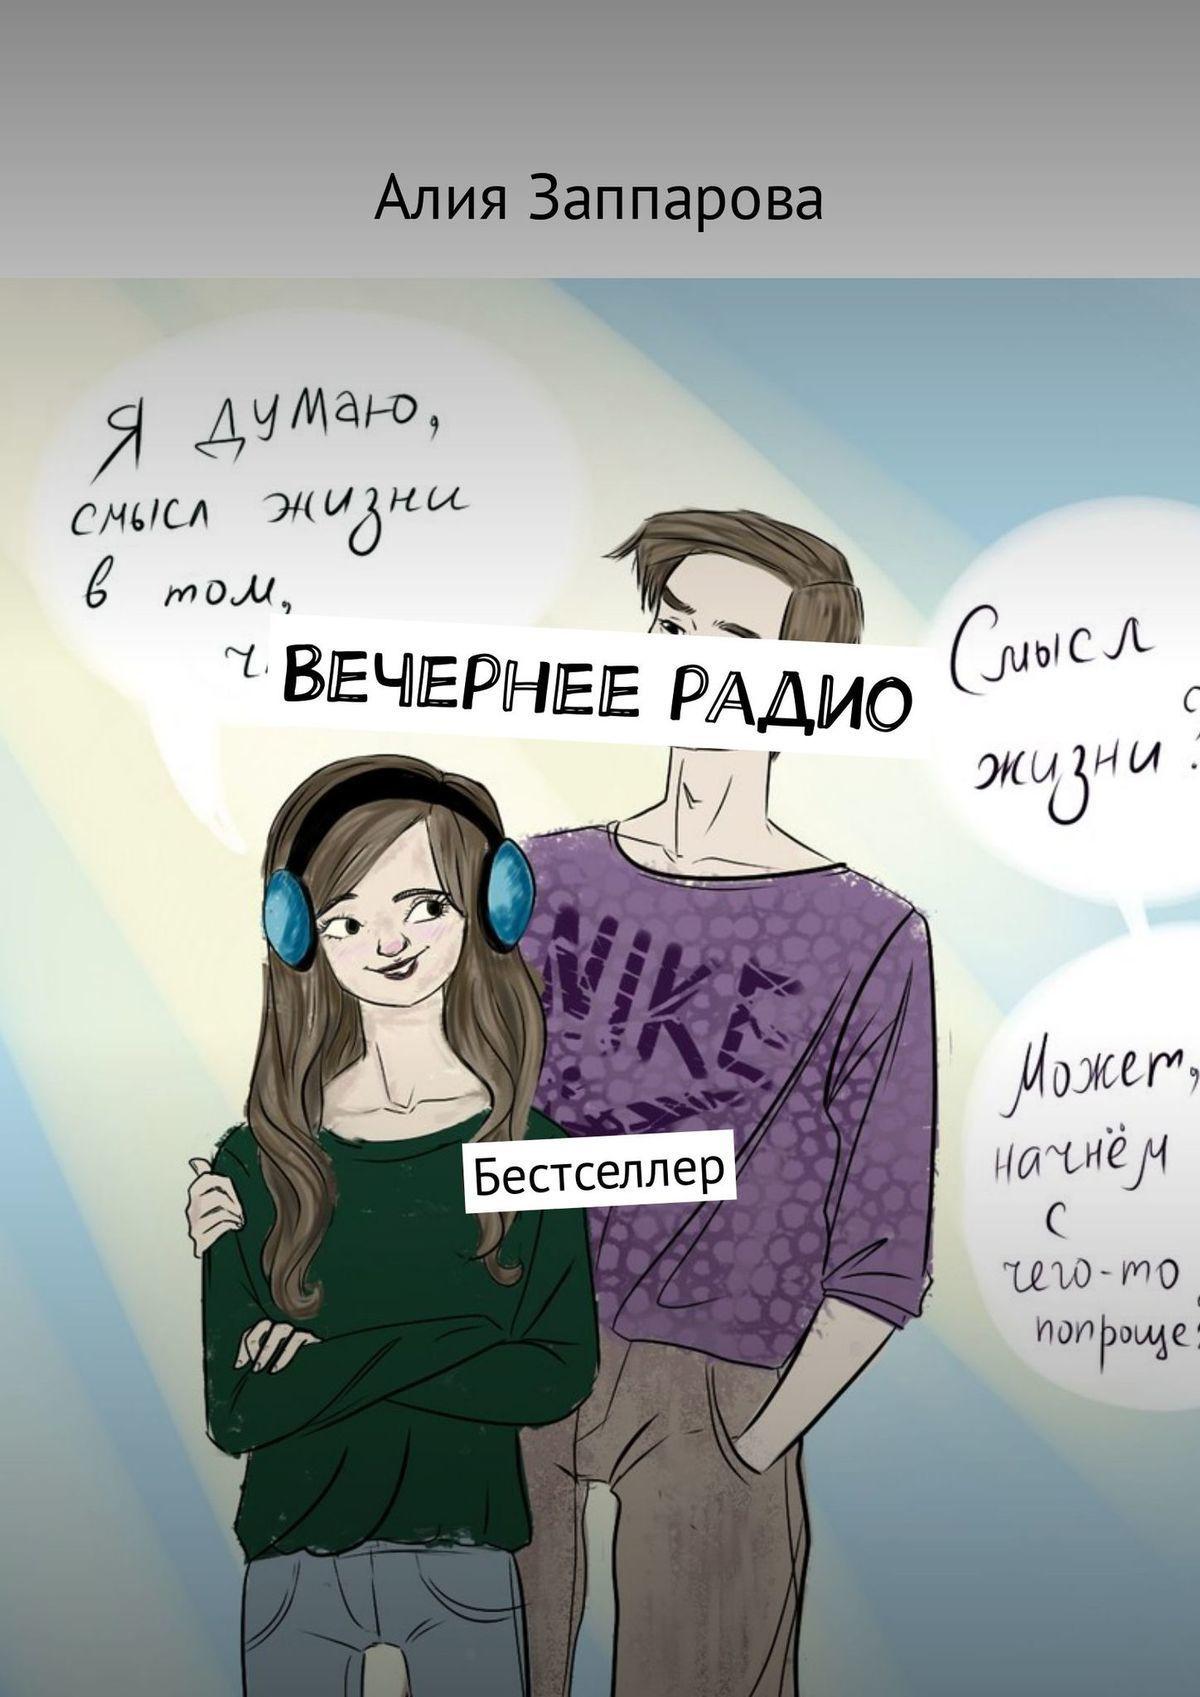 Алия Эльмировна Заппарова Вечернее радио. Бестселлер